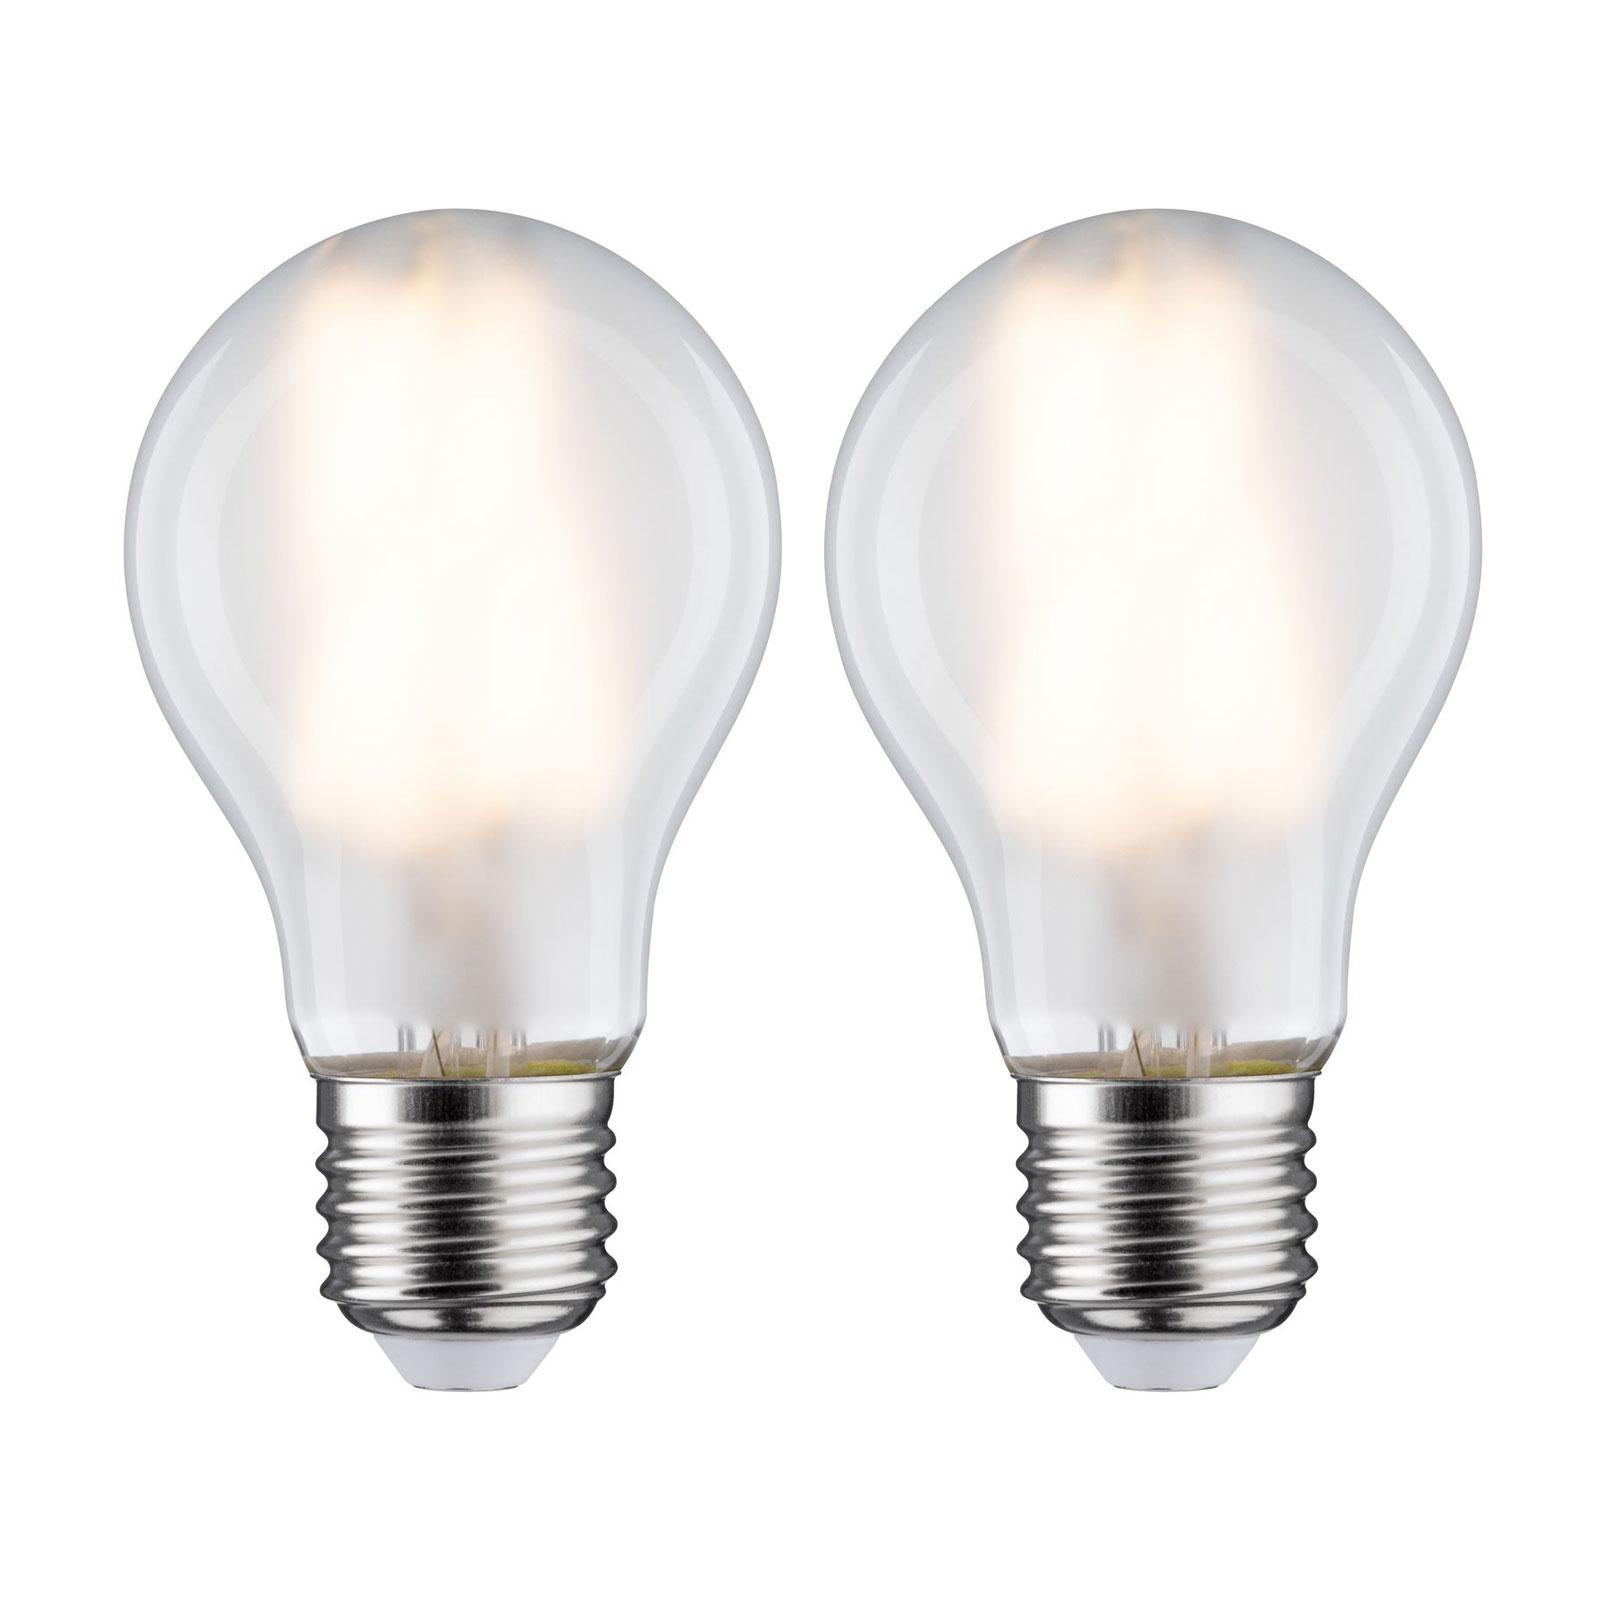 Ampoule LED E27 7W 2700K mate lot de 2